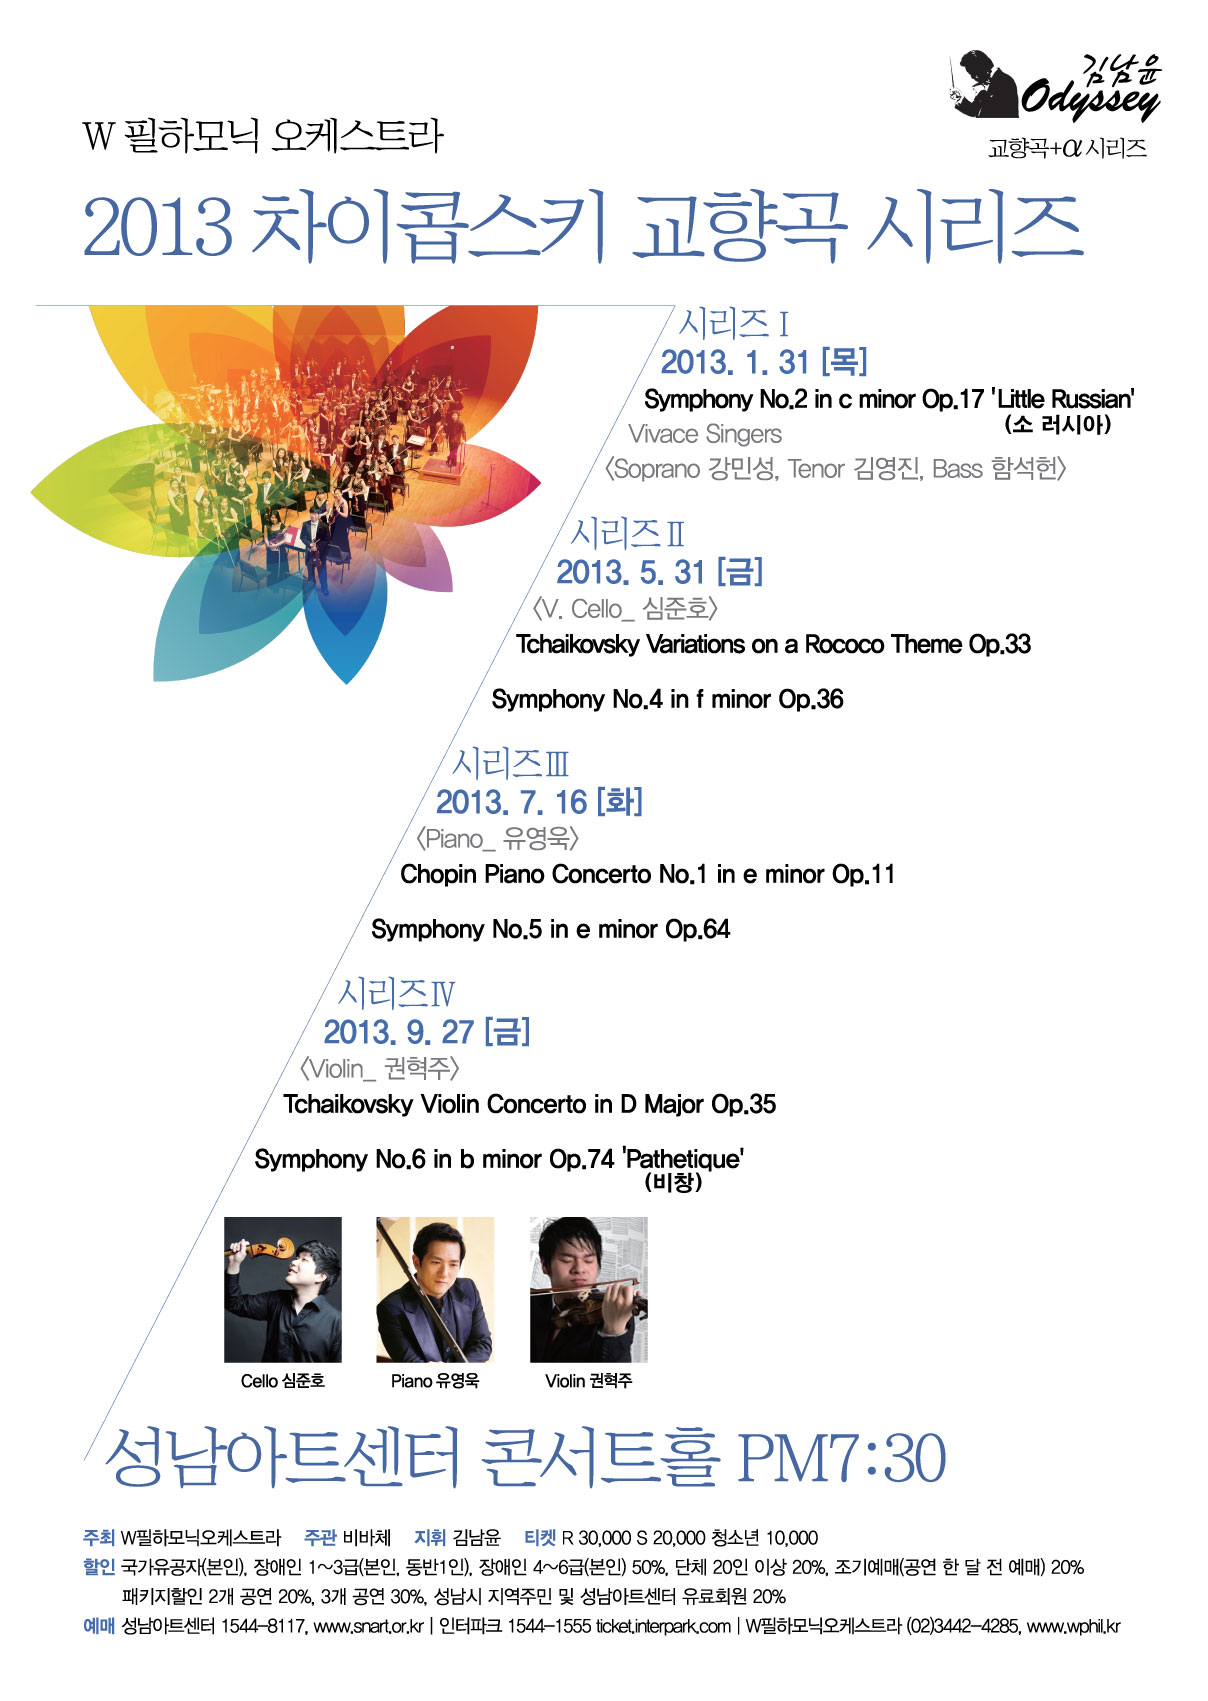 2013 차이콥스키 교향곡 시리즈 Ⅲ